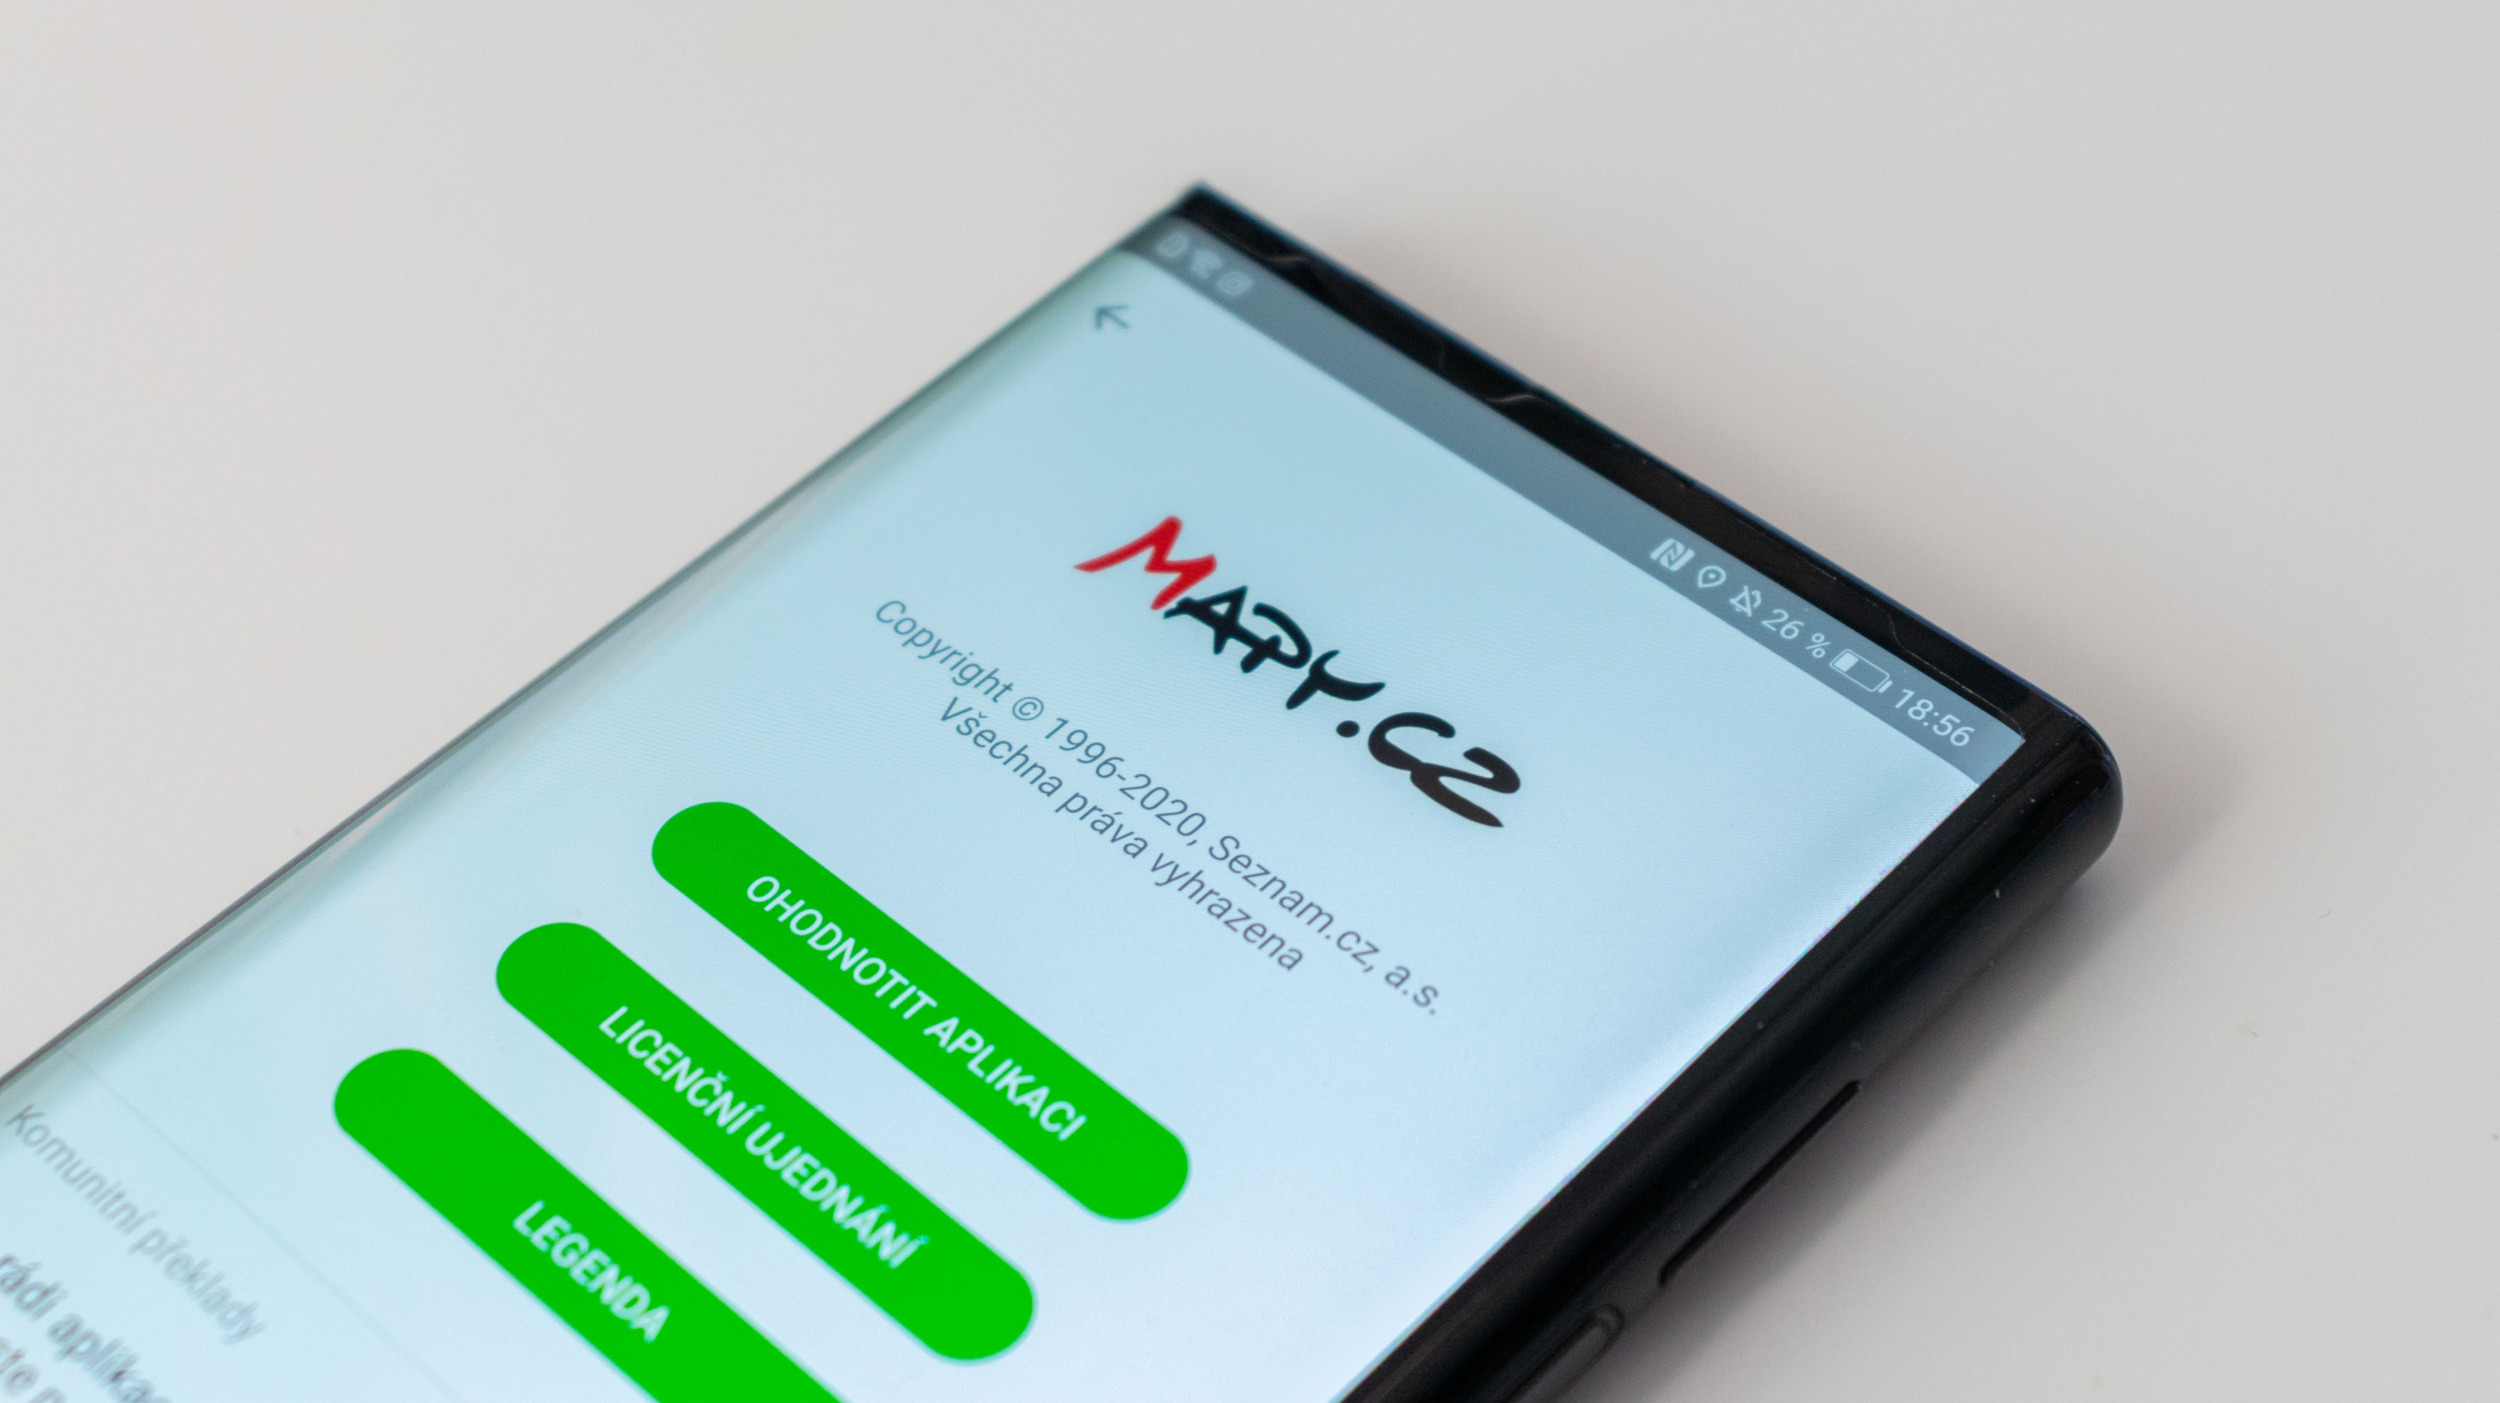 Mapy.cz testují v nové verzi 3D zobrazení navigace se sklopenou mapou [aktualizováno]